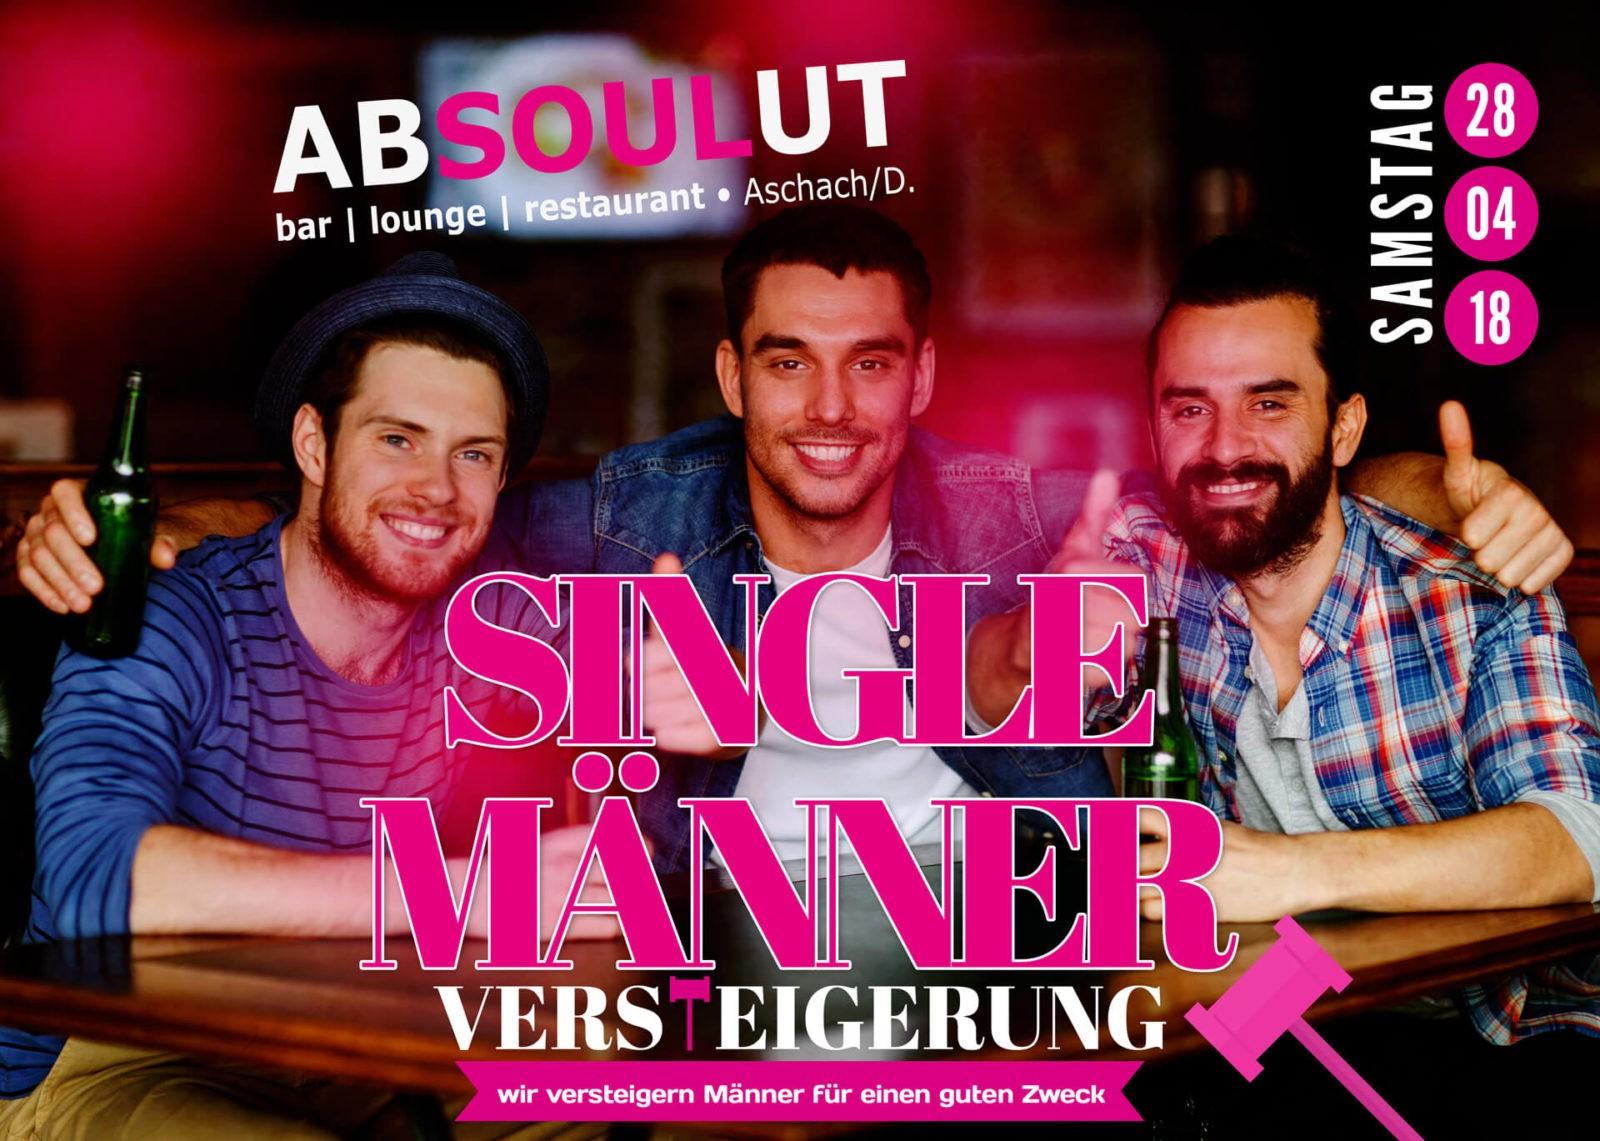 Absolut Bar Restaurant Events - Single Männer Versteigerung